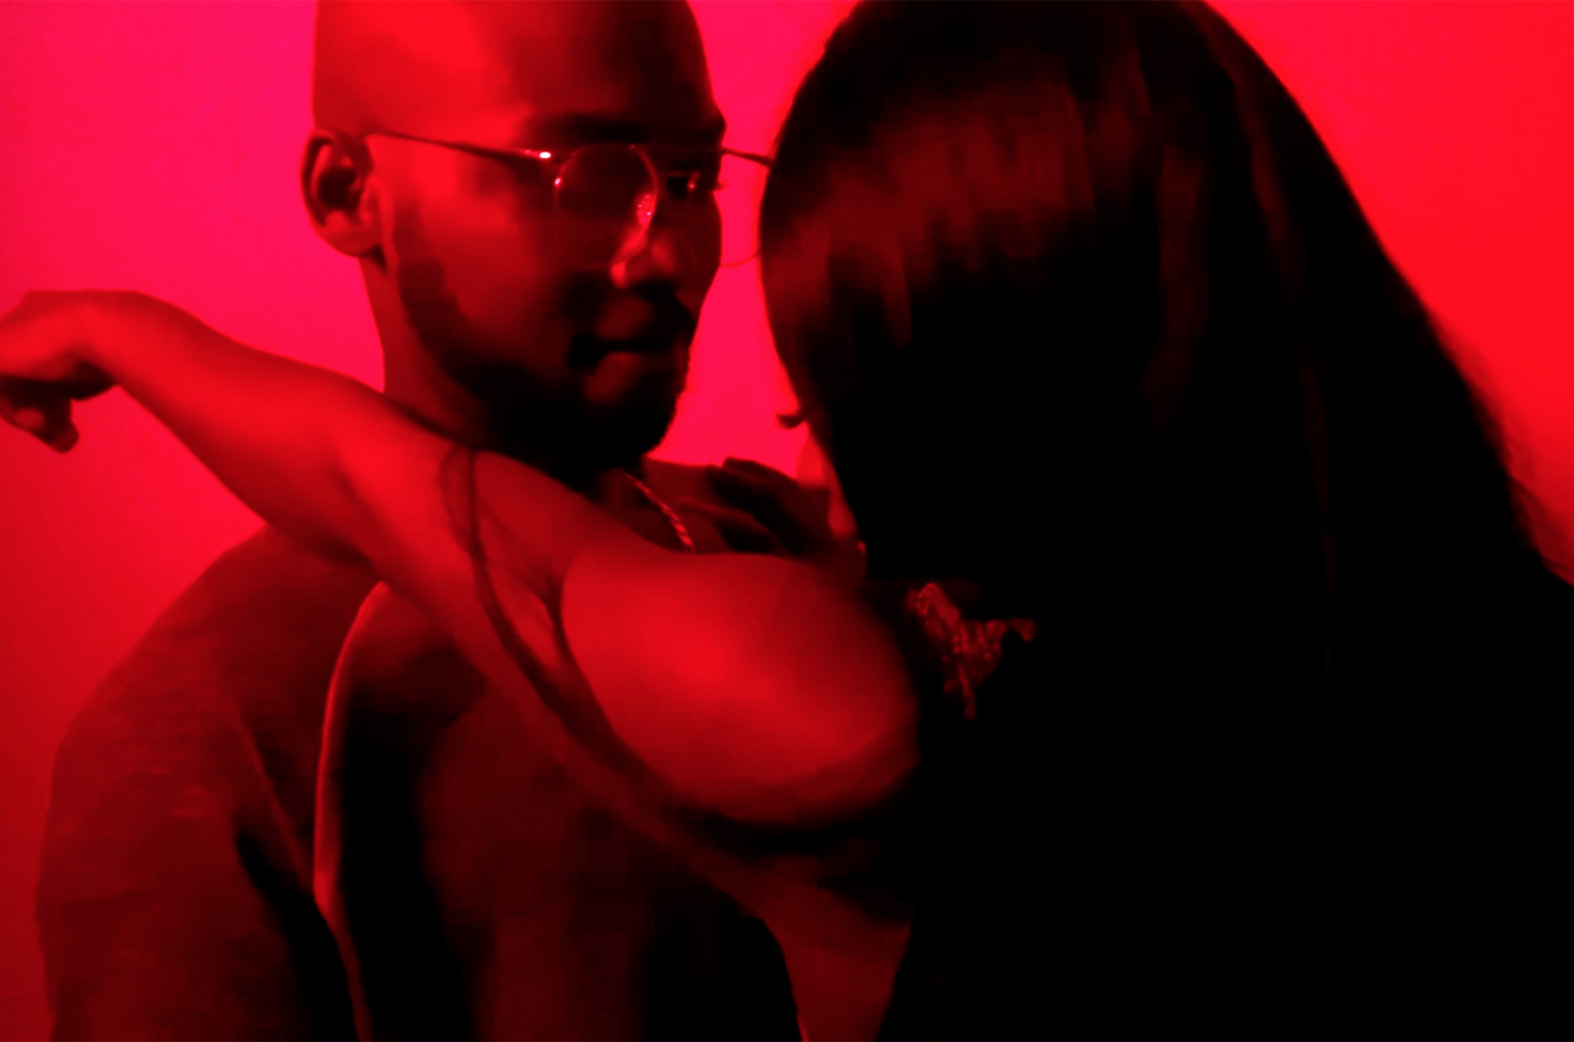 Video Premiere: Don't Blow It by Kula & Klem